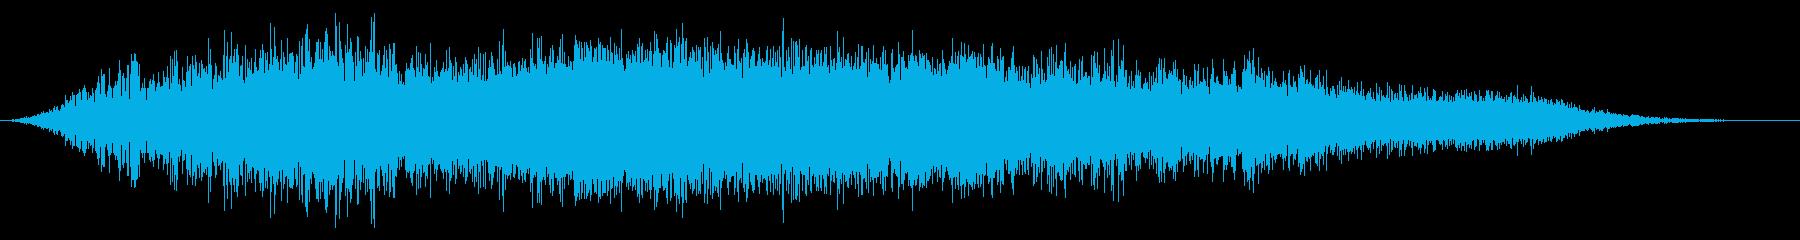 ホラー空間変換の再生済みの波形